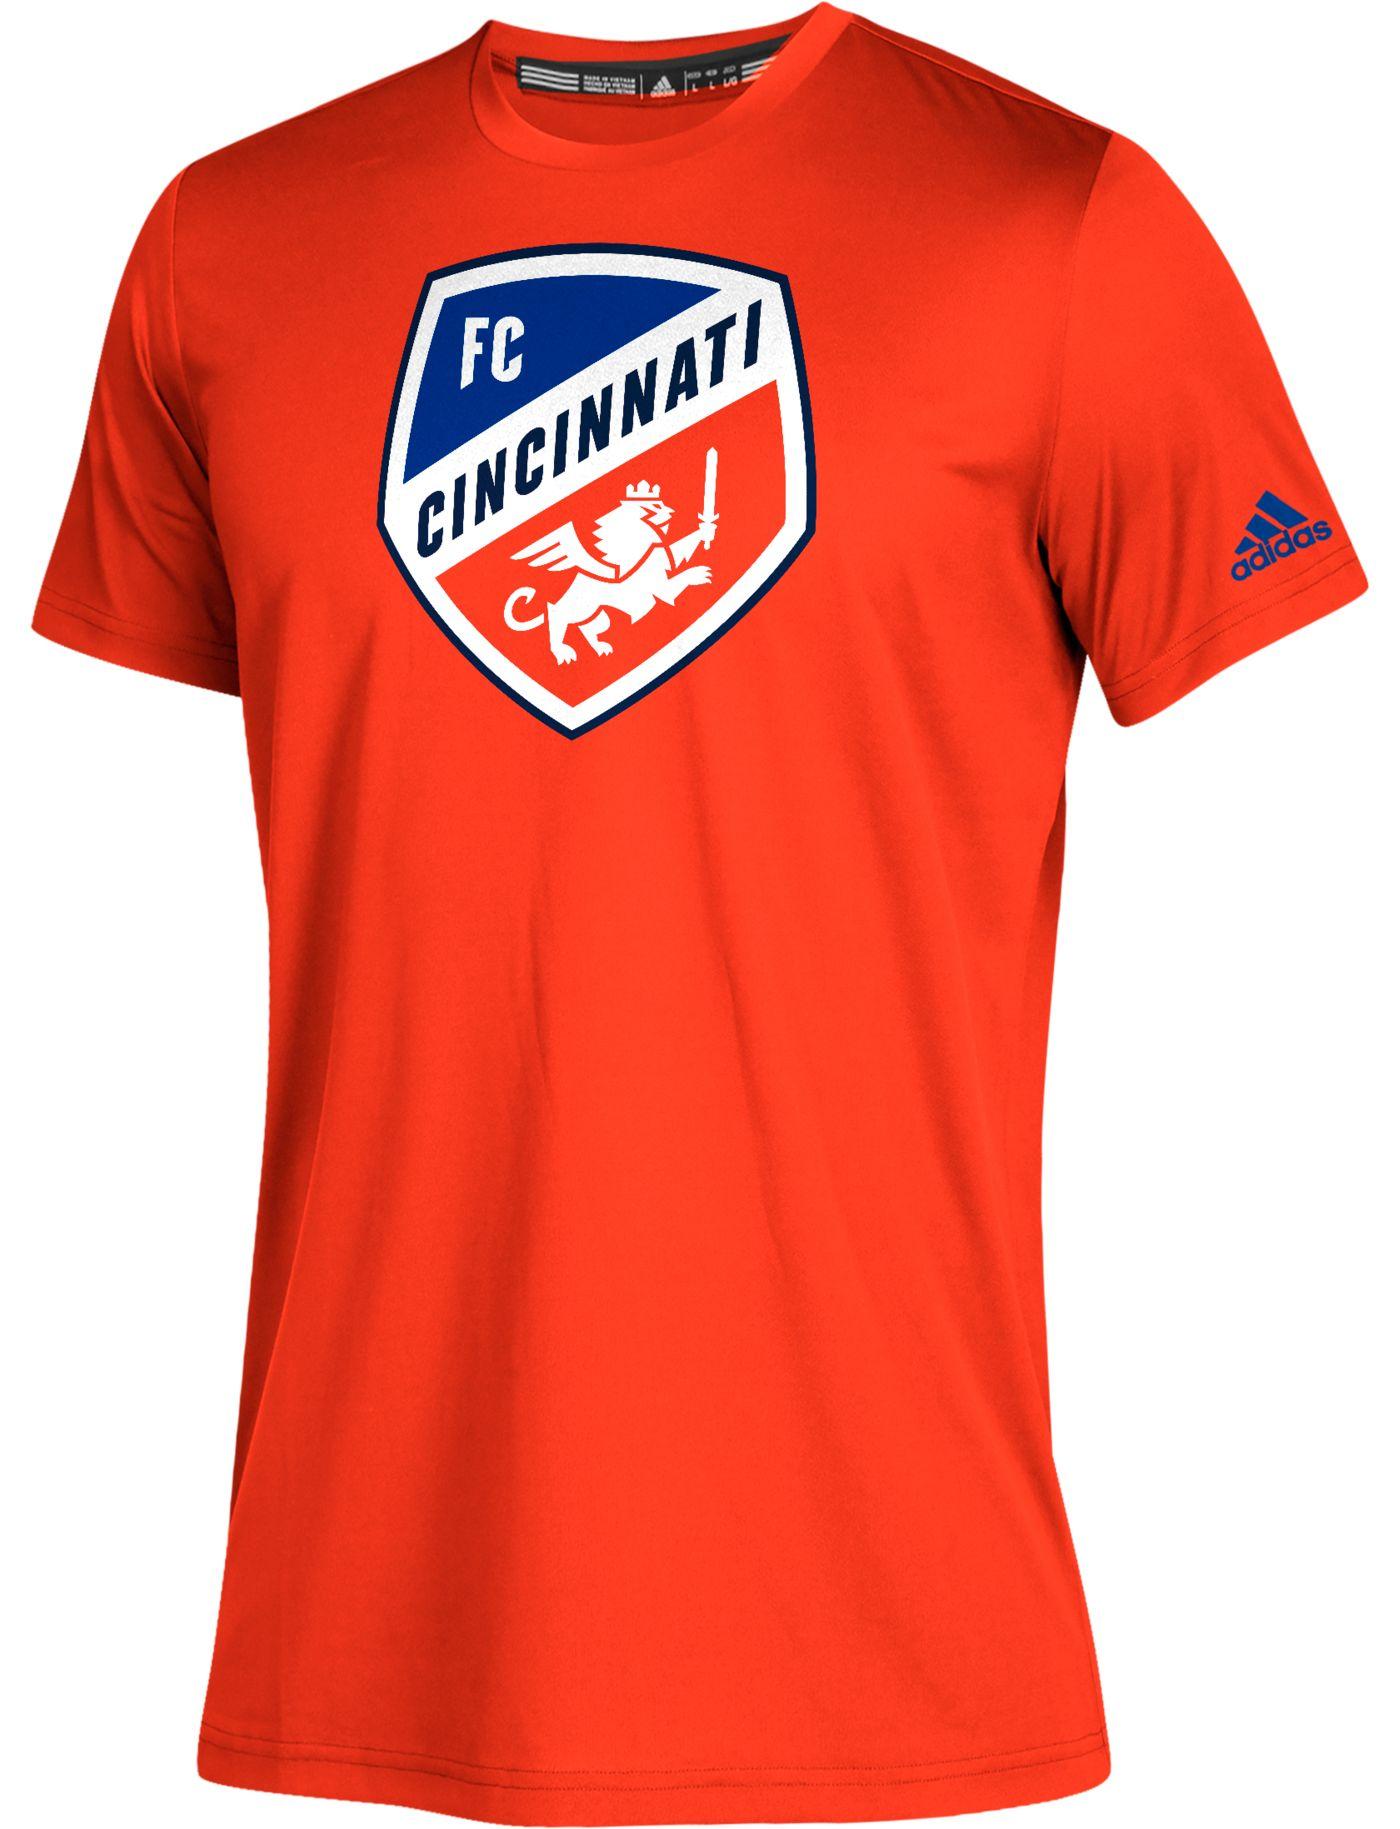 adidas Youth FC Cincinnati Squad Orange T-Shirt